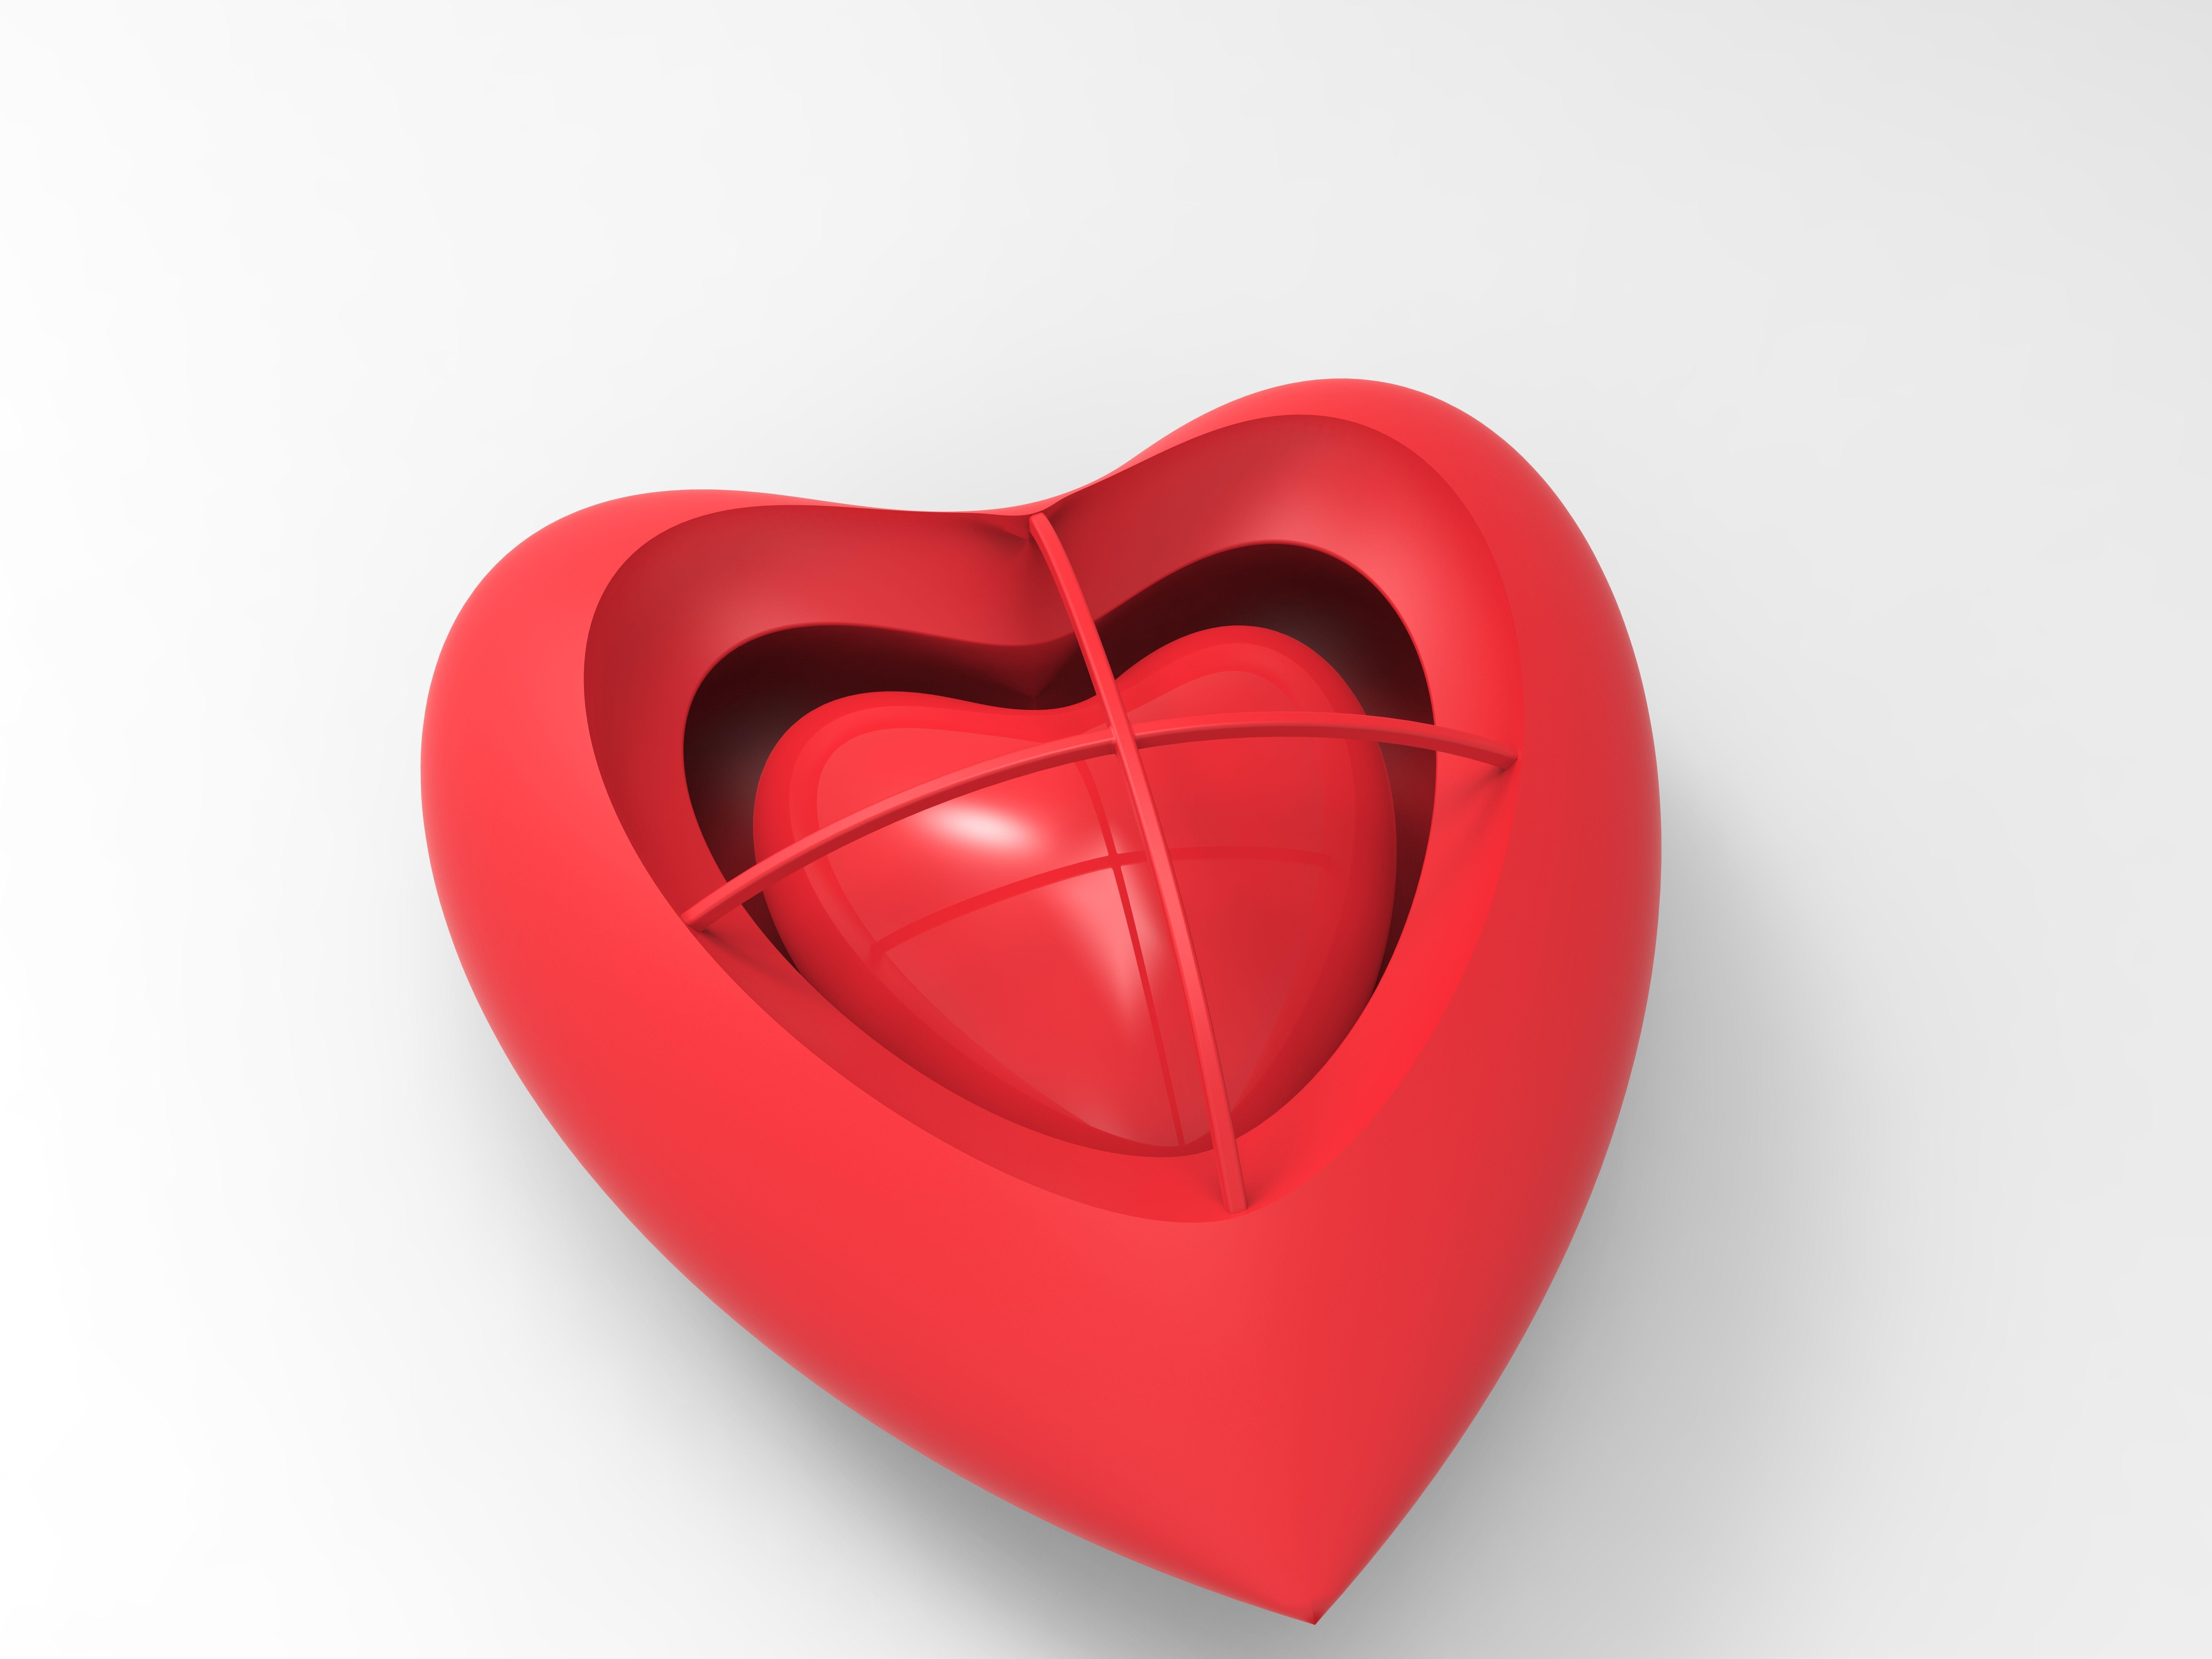 Heart Heart Earring 3D Model 3D Printable OBJ 3DS FBX C4D